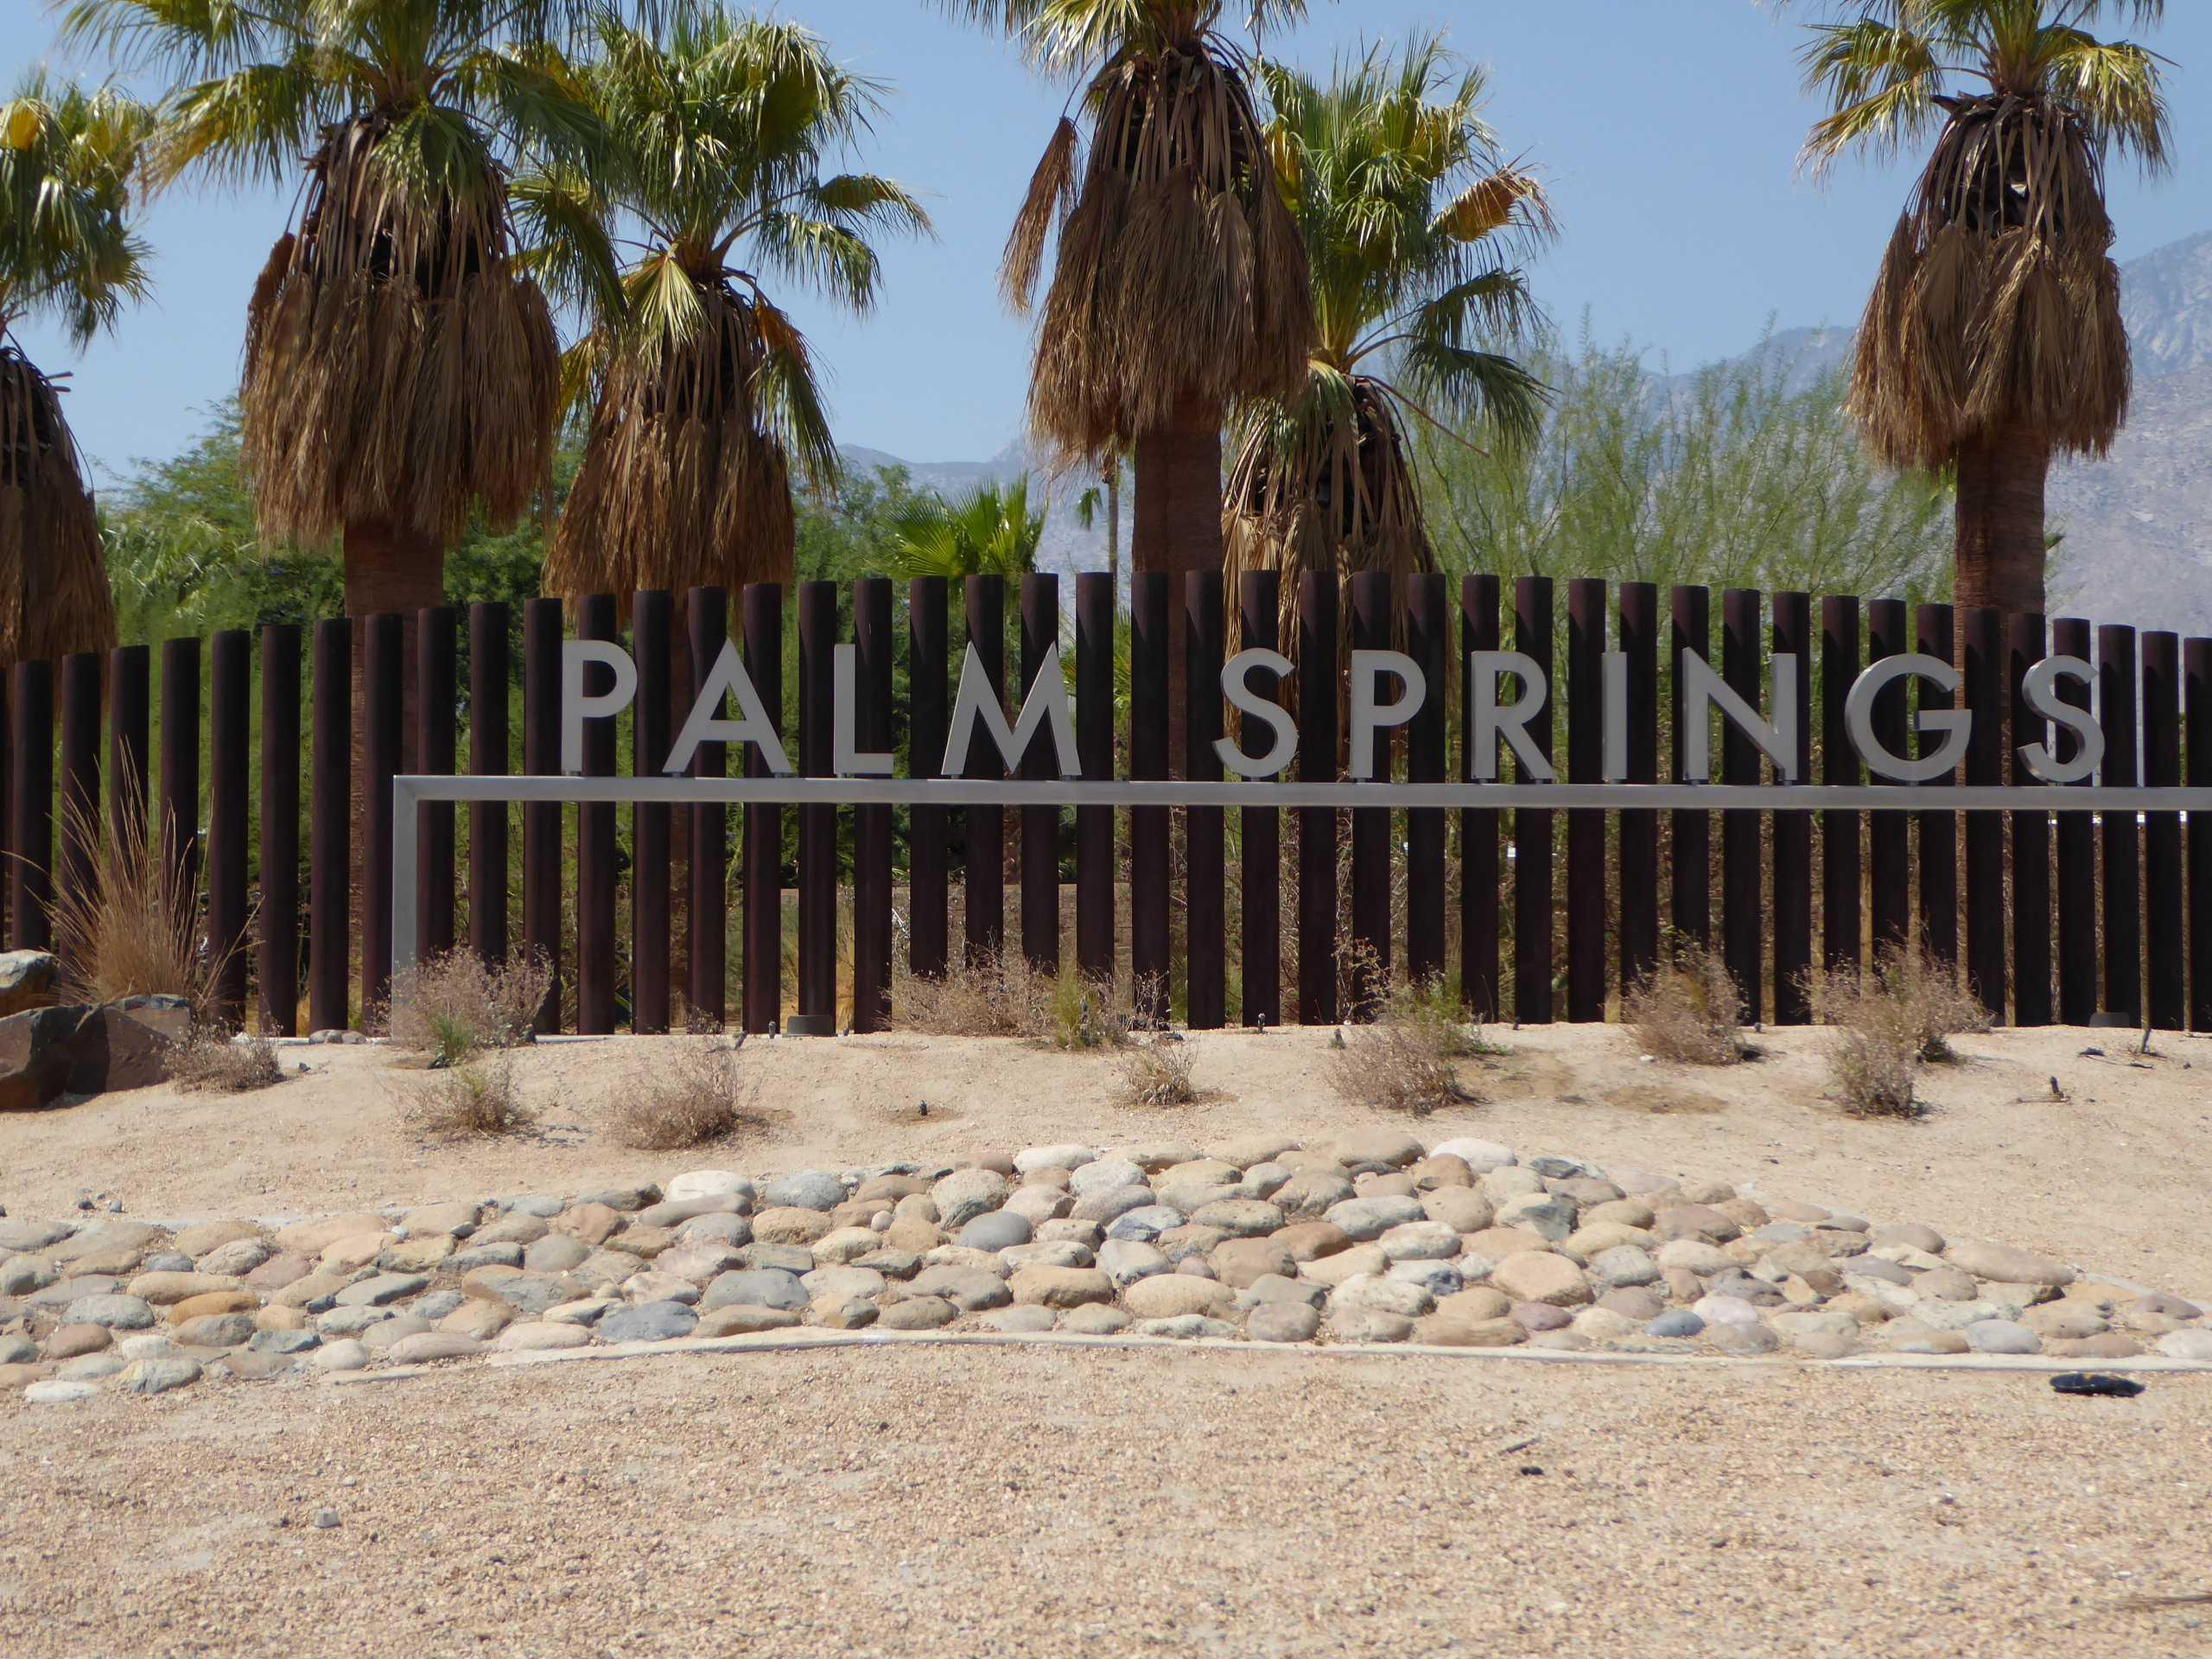 Willkommen in Palm Springs